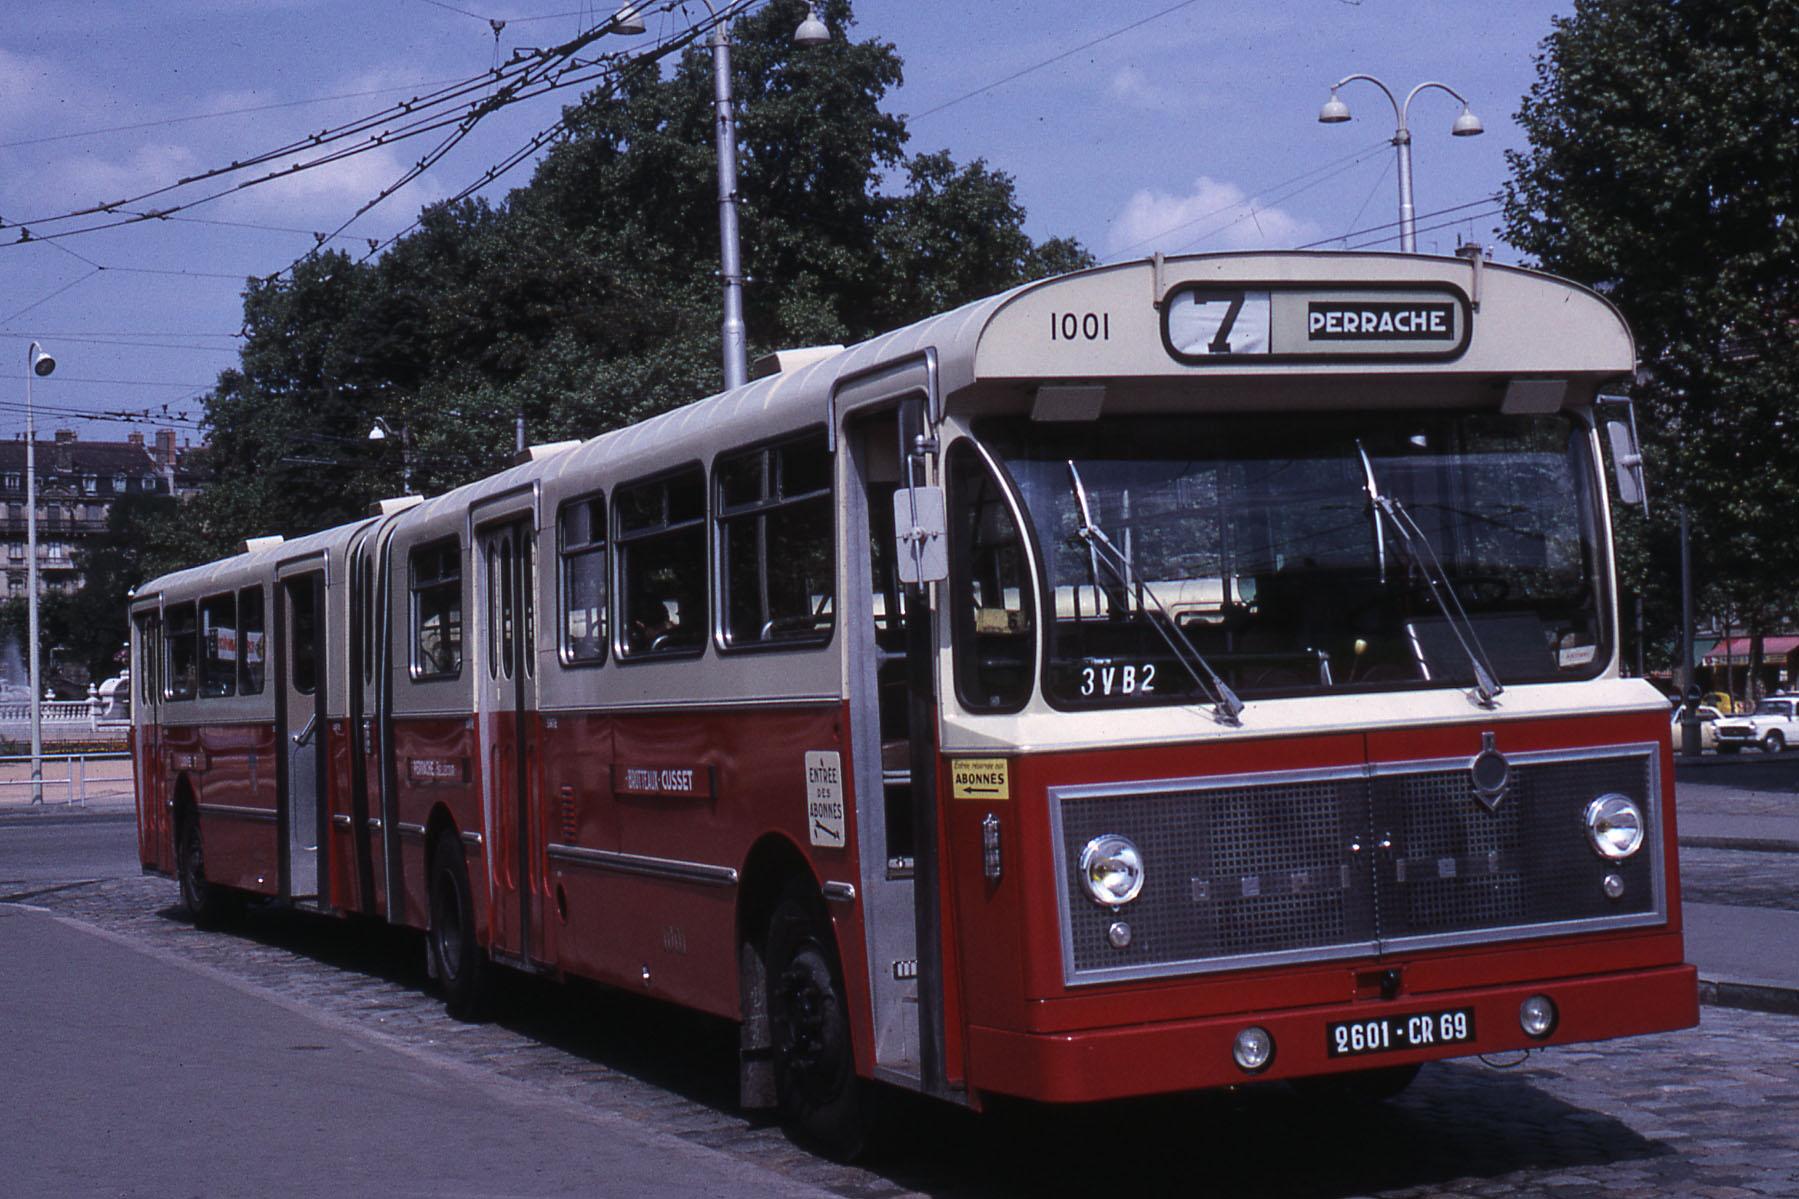 Berliet - Bus grenoble lyon ...